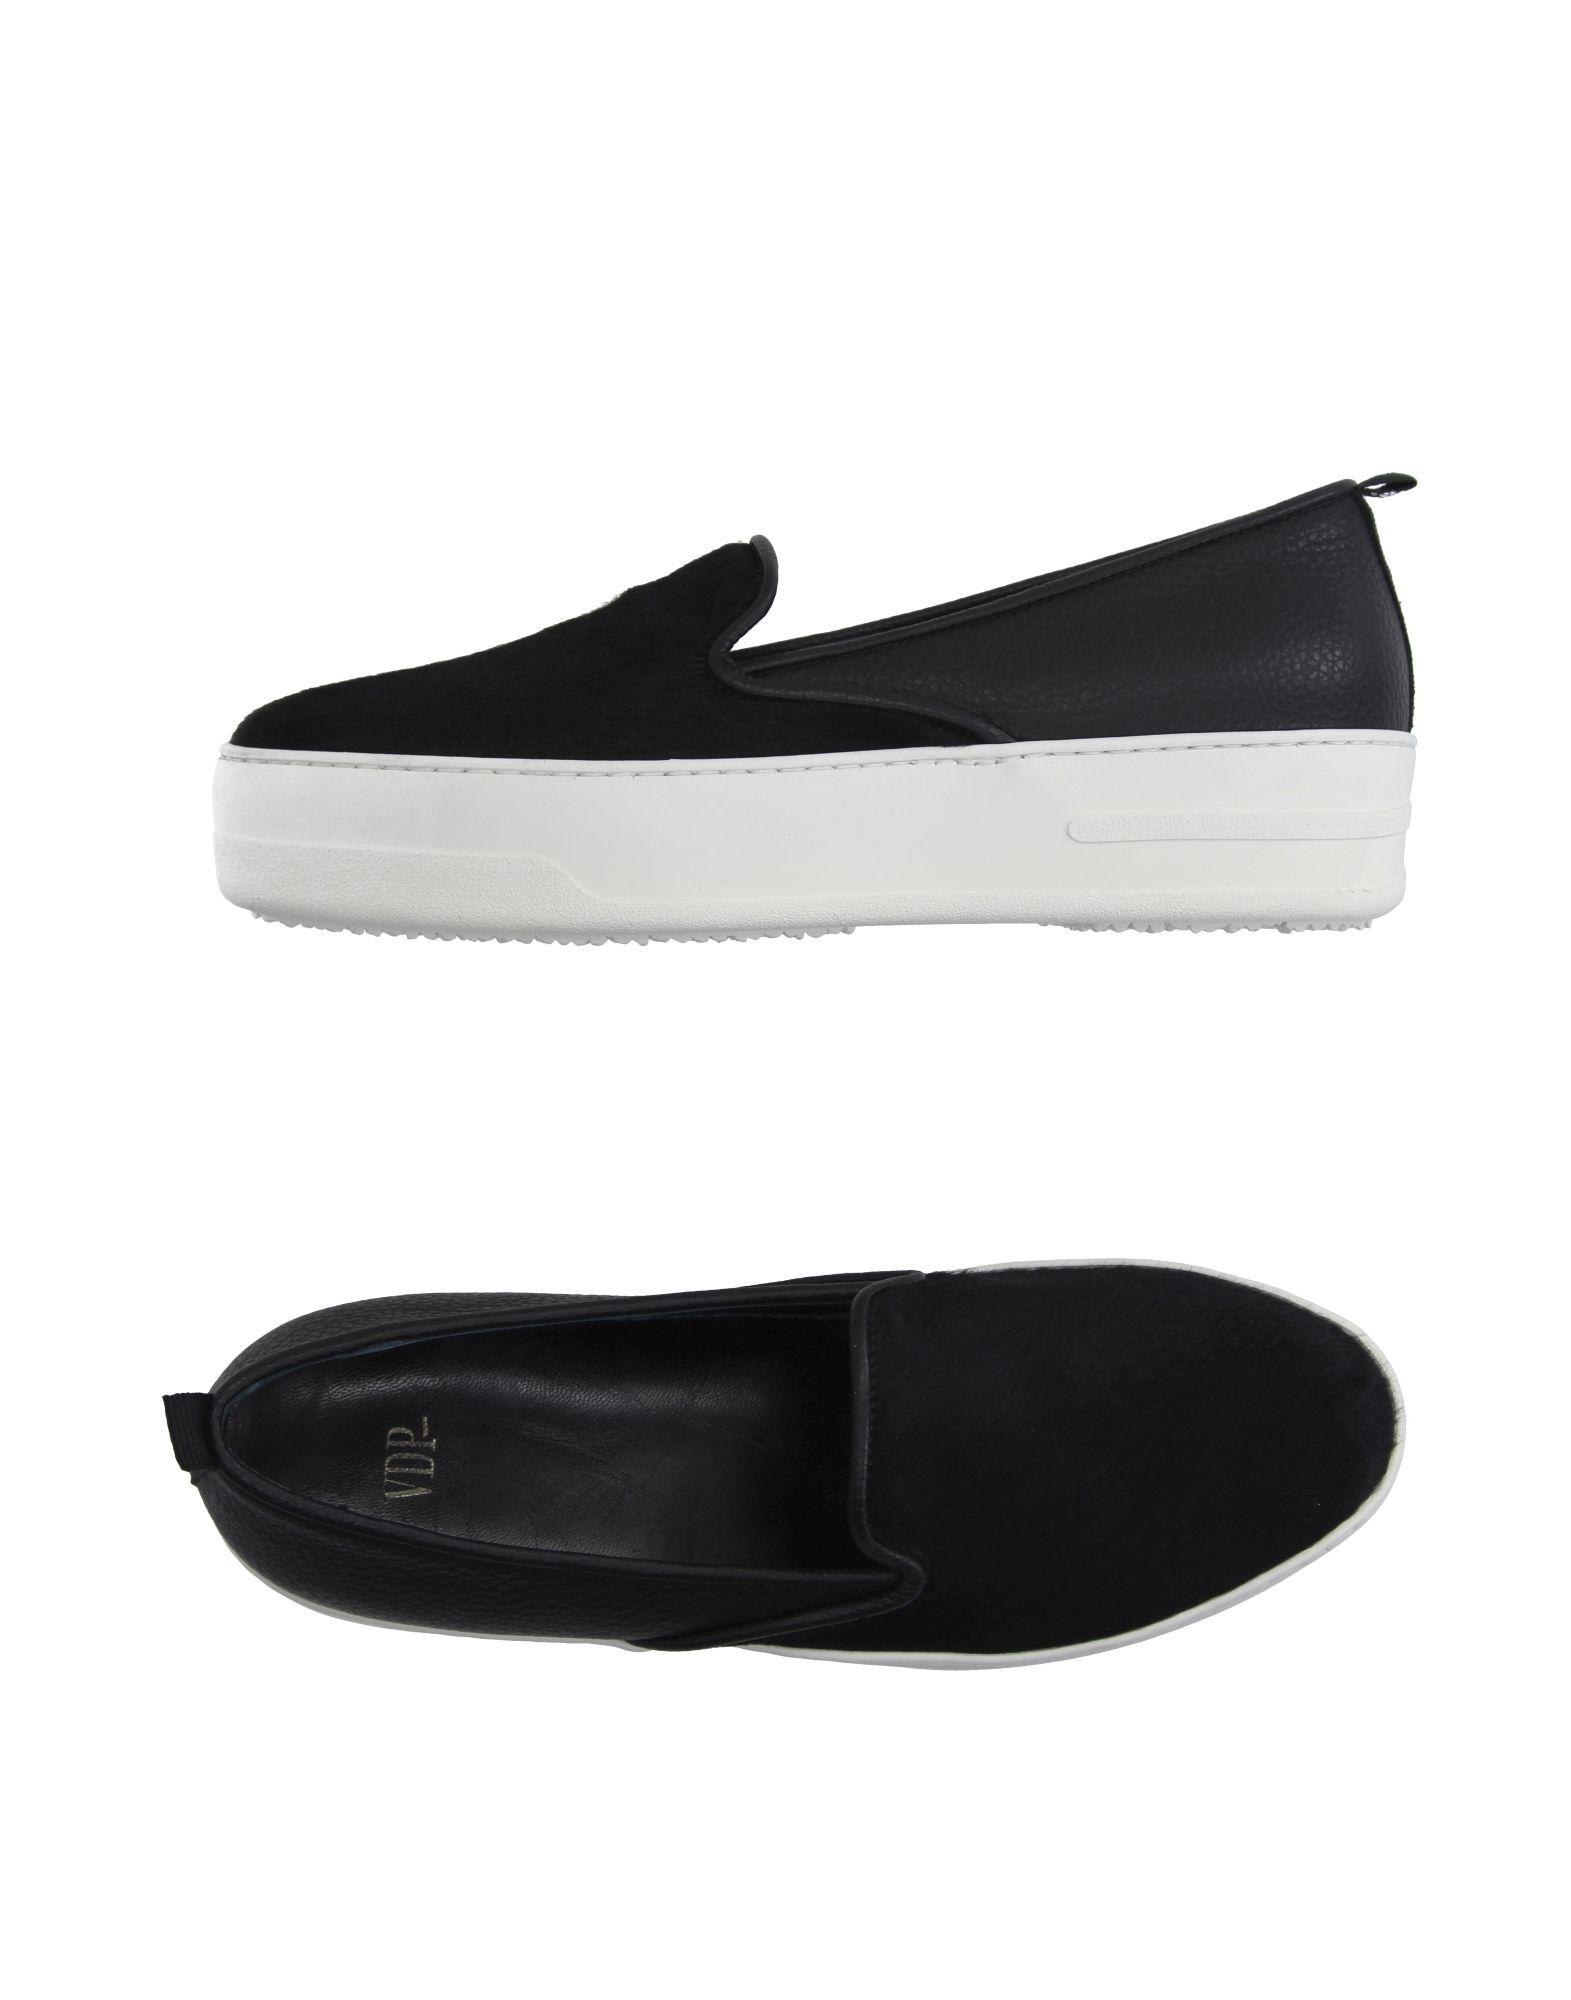 Sneakers Vdp Collection Collection Collection Donna - 44998399II 1f4563